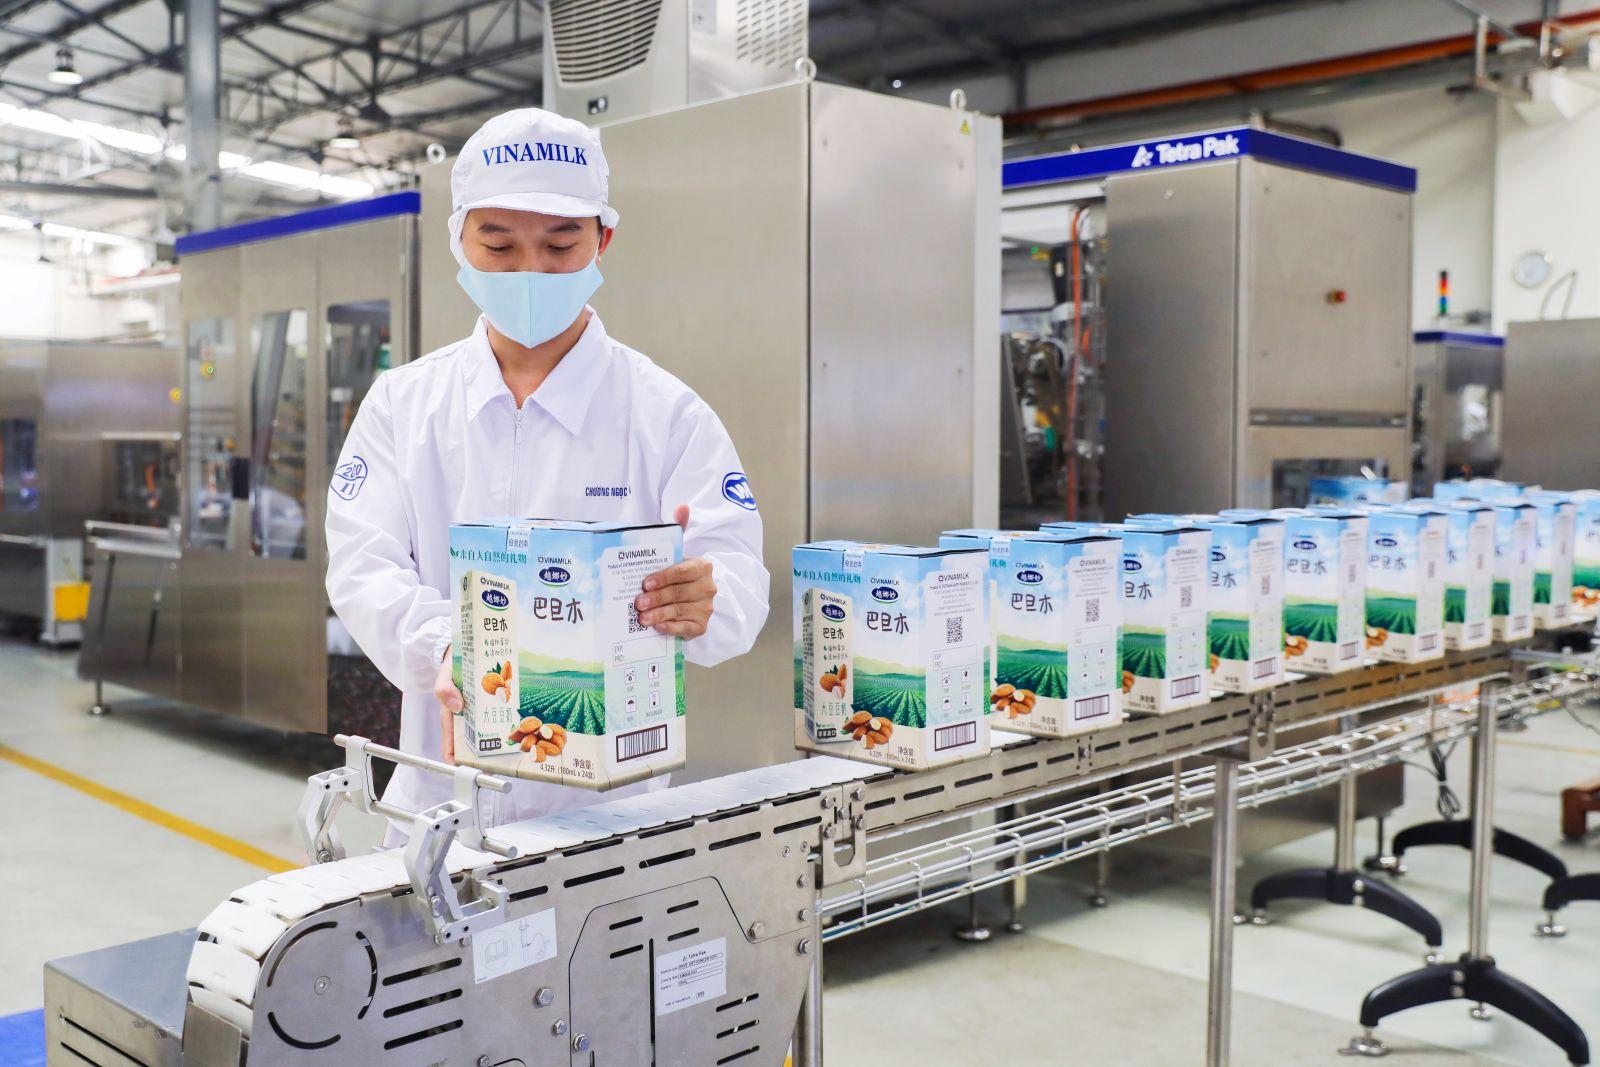 Quí 1/2021 doanh thu xuất khẩu của Vinamilk tăng trưởng trên 8% với nhiều tin tích cực từ các thị